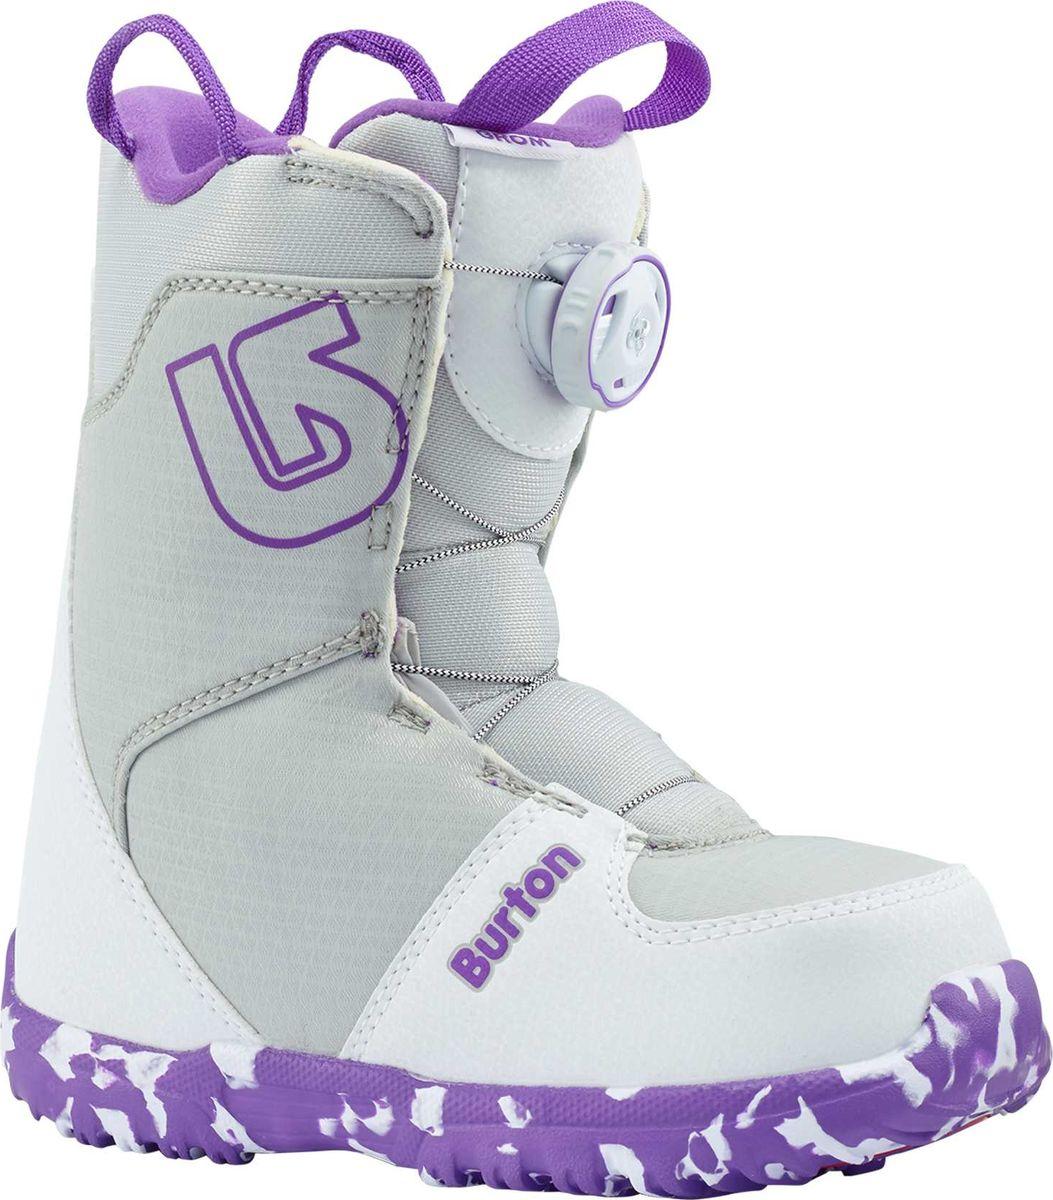 Ботинки для сноуборда Burton Grom Boa, цвет: белый, фиолетовый. Длина стельки 20 см15089101113Сноубордические ботинки для подрастающих райдеров,которые уже готовы отказаться от липучки в пользу системы шнуровки BOA.